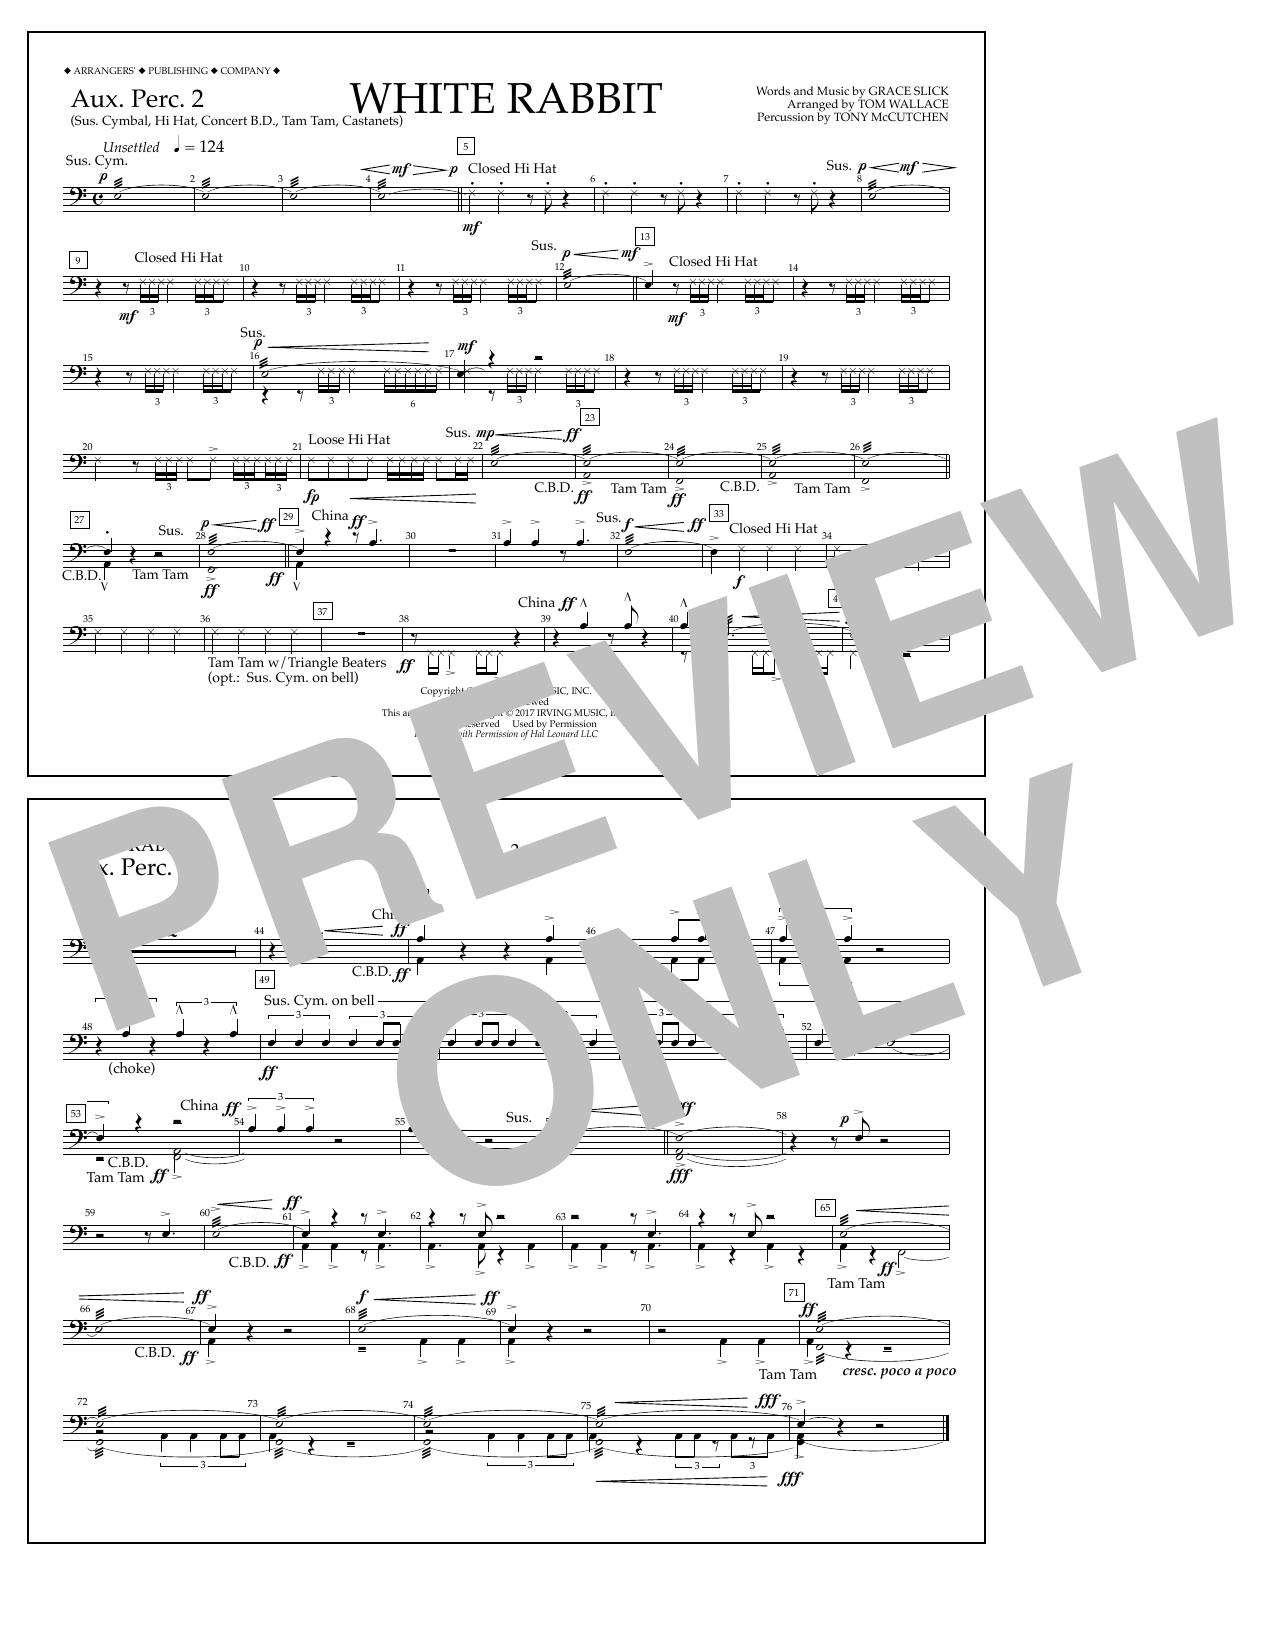 White Rabbit - Aux. Perc. 2 Sheet Music